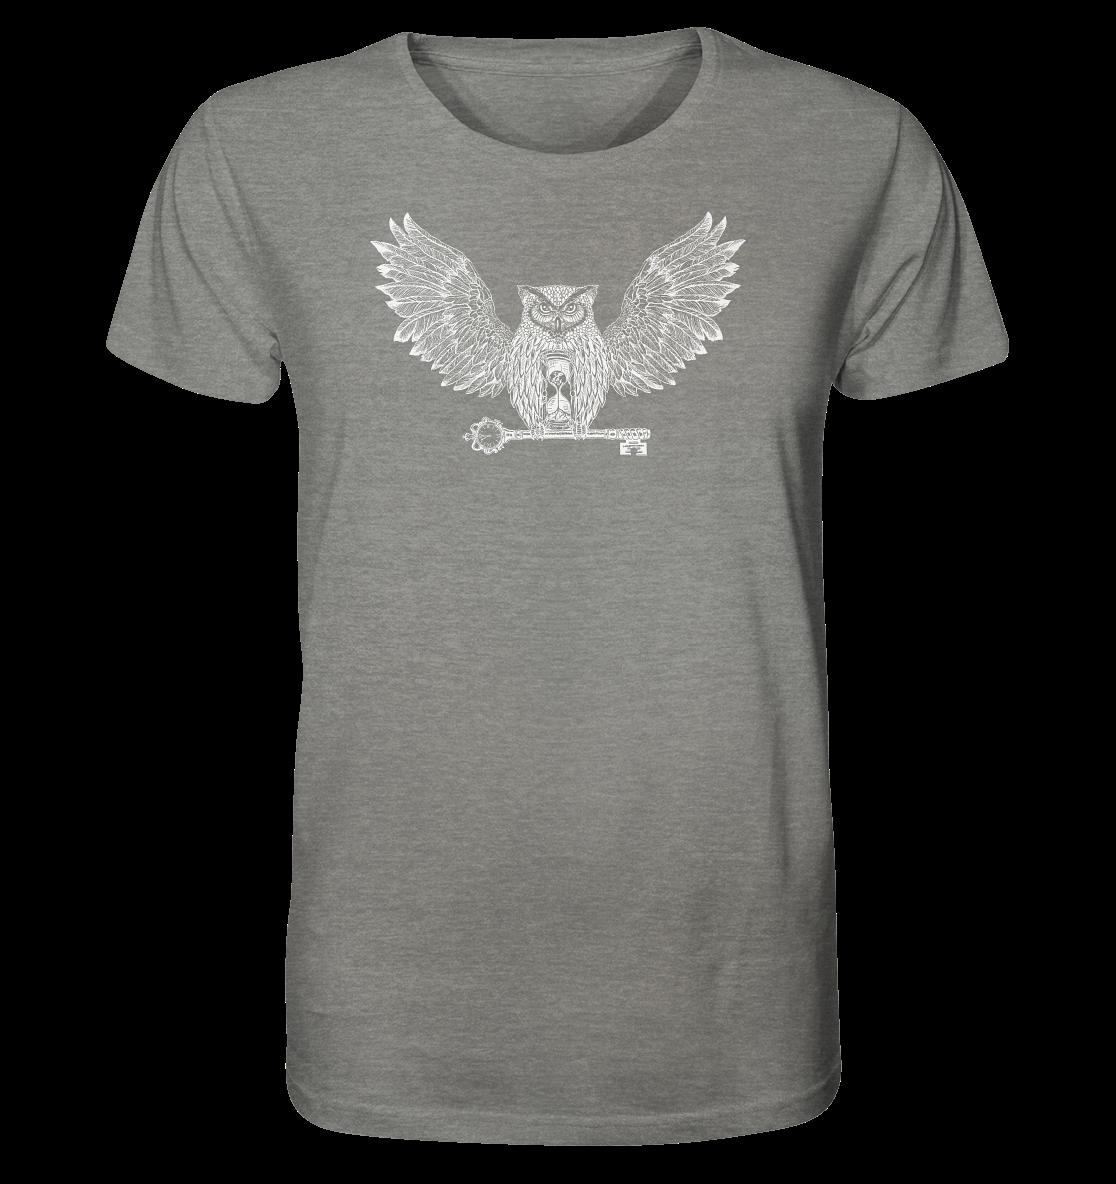 front-organic-shirt-meliert-818381-1116x-5.png